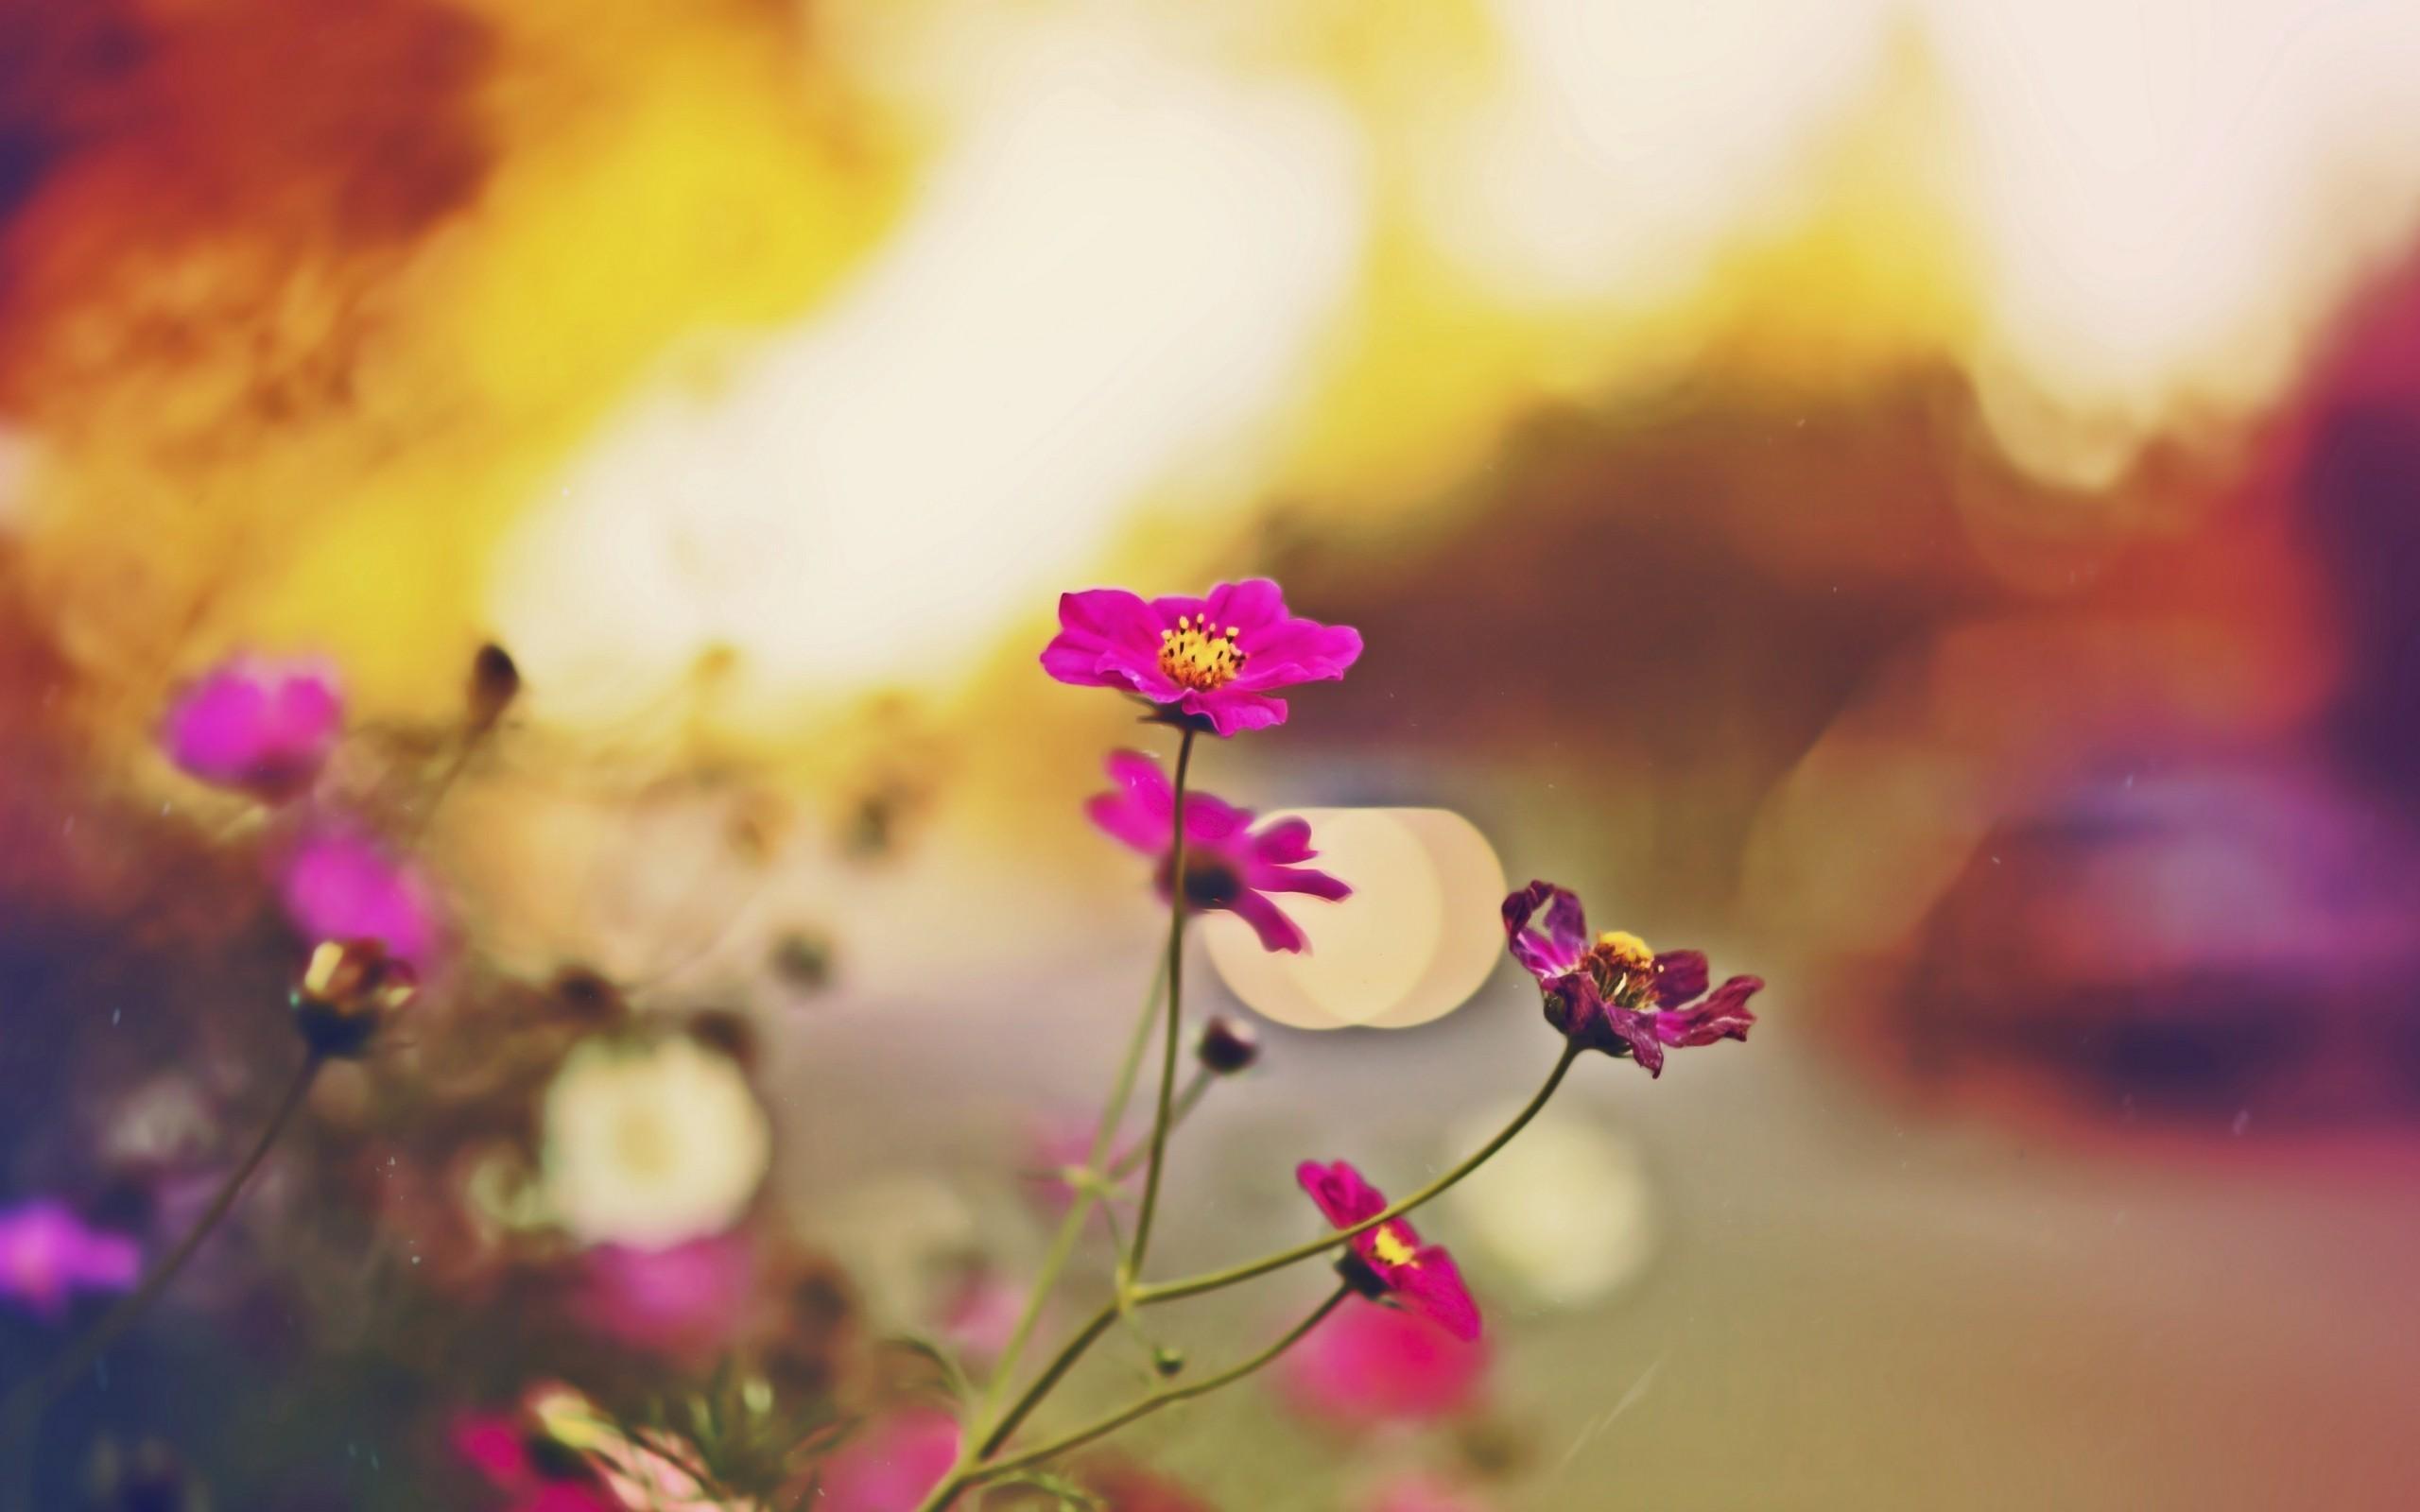 Earth Flower 2560x1600